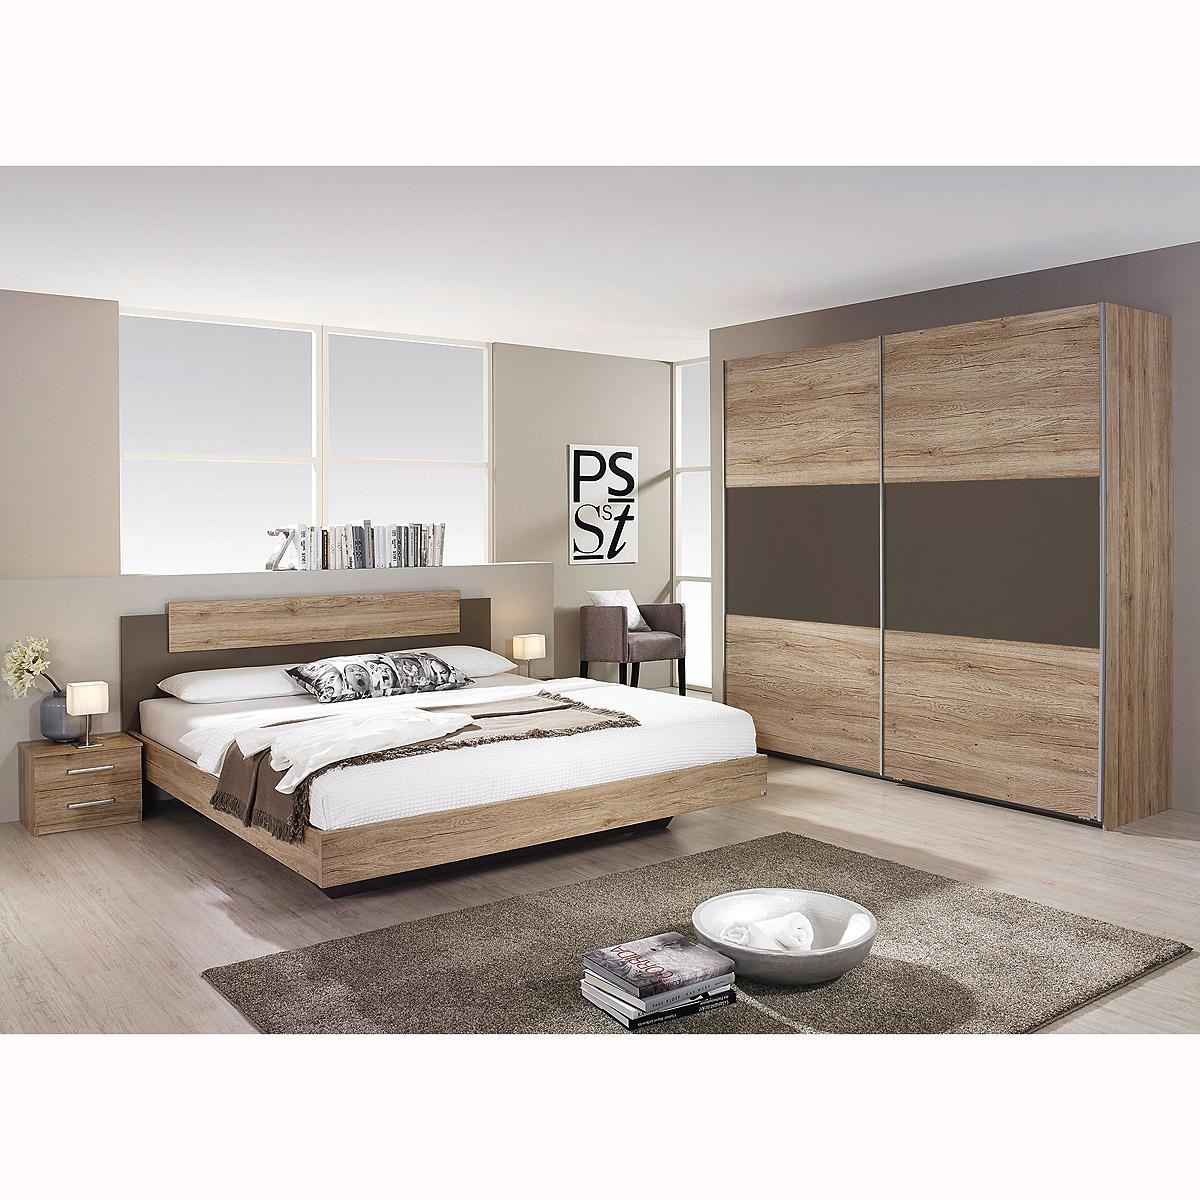 schlafzimmer borba bett nakos kleiderschrank eiche sanremo hell lavagrau ebay. Black Bedroom Furniture Sets. Home Design Ideas